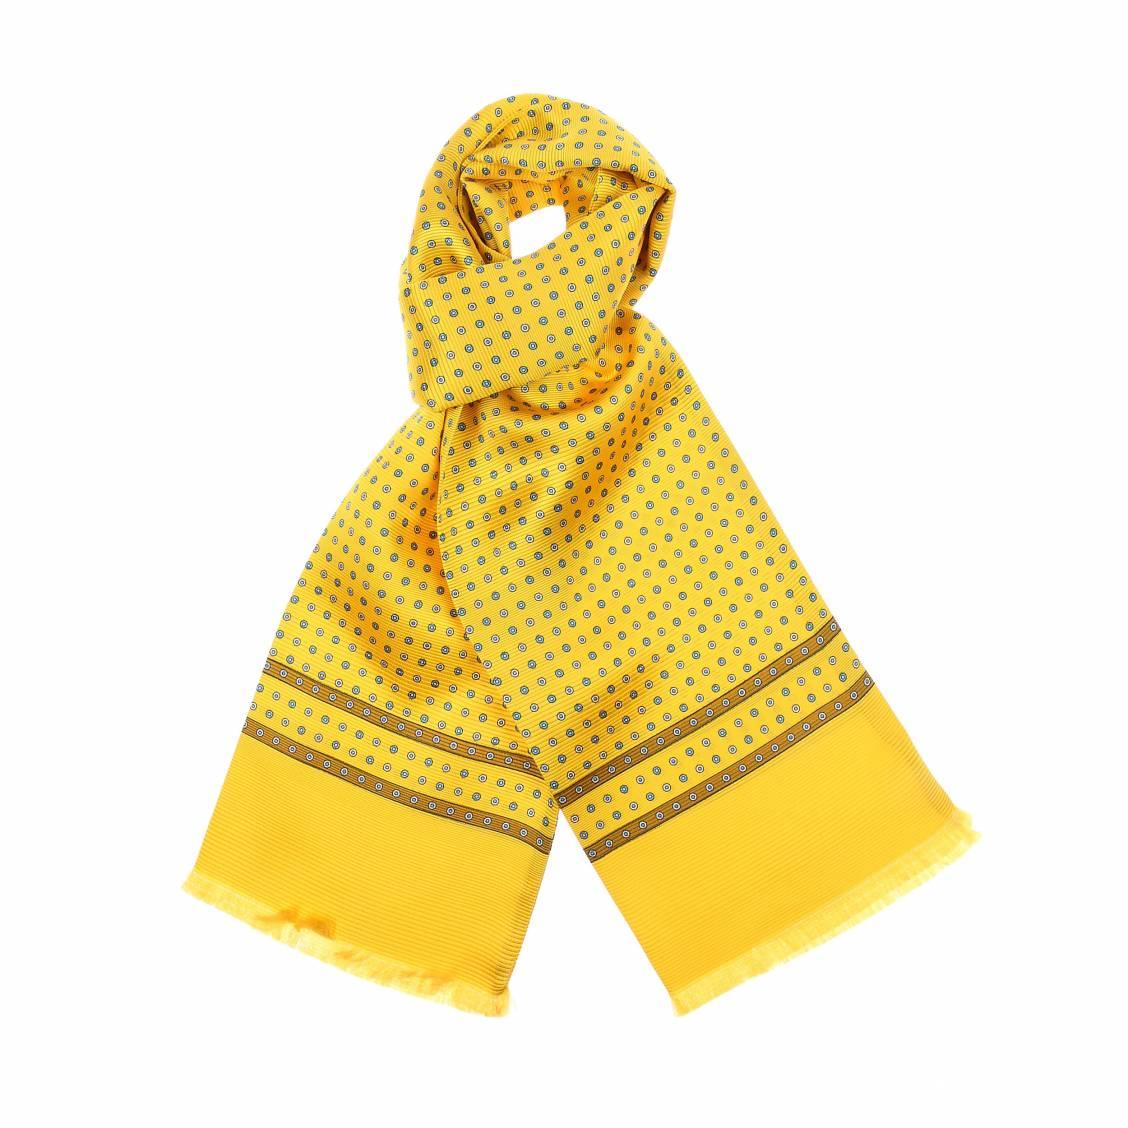 echarpe en soie jaune motifs ronds bleus et jaune p le. Black Bedroom Furniture Sets. Home Design Ideas